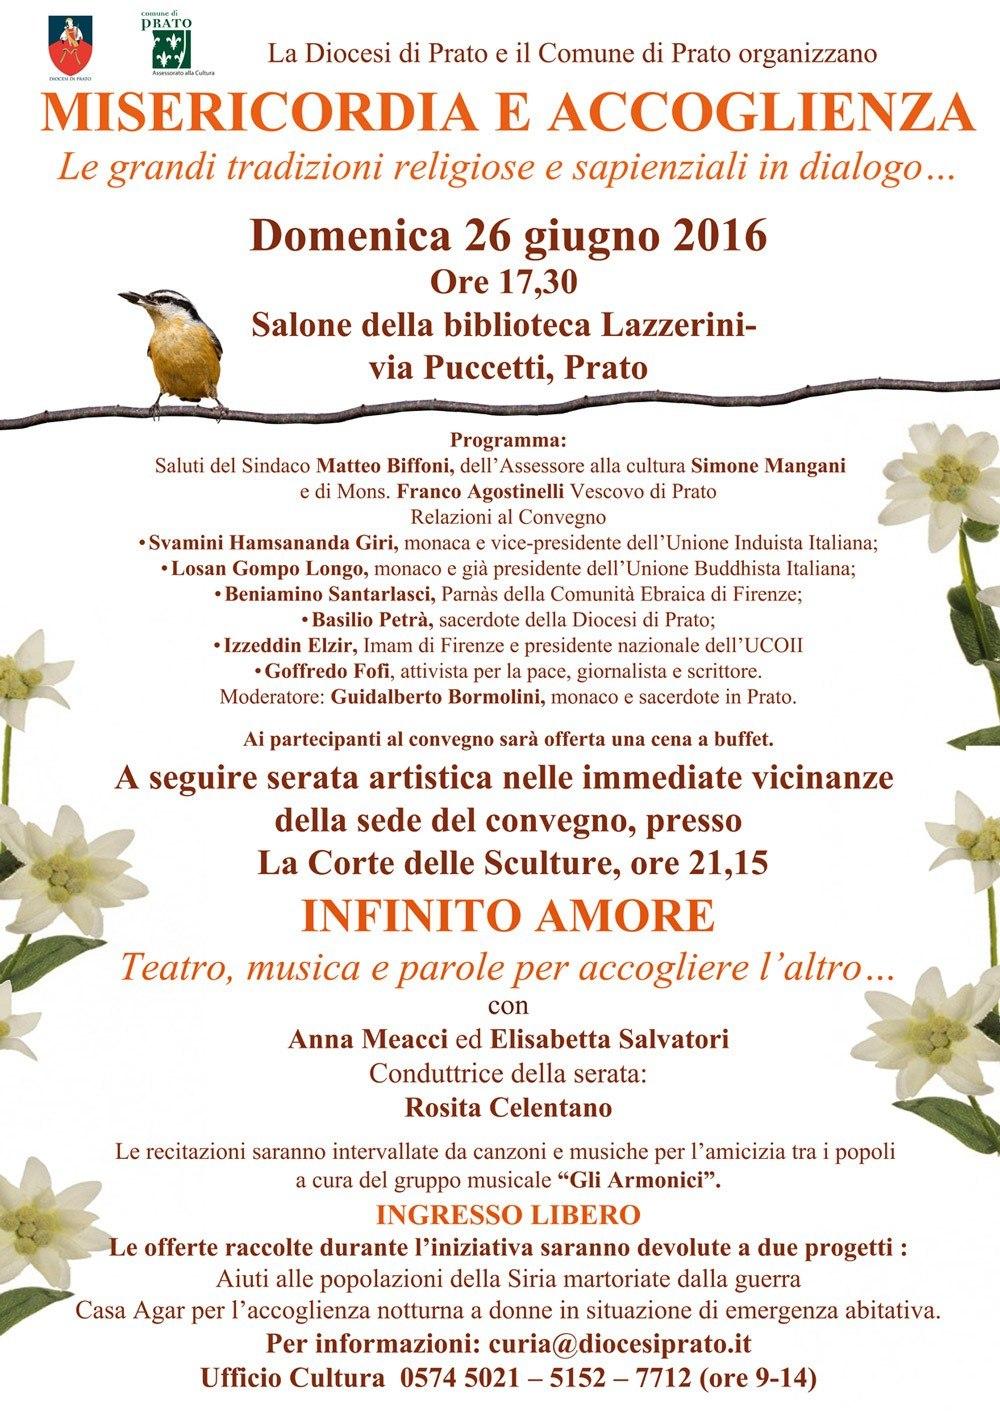 misericordia_e_eaccoglienza_26_giugno_2016_PRATO